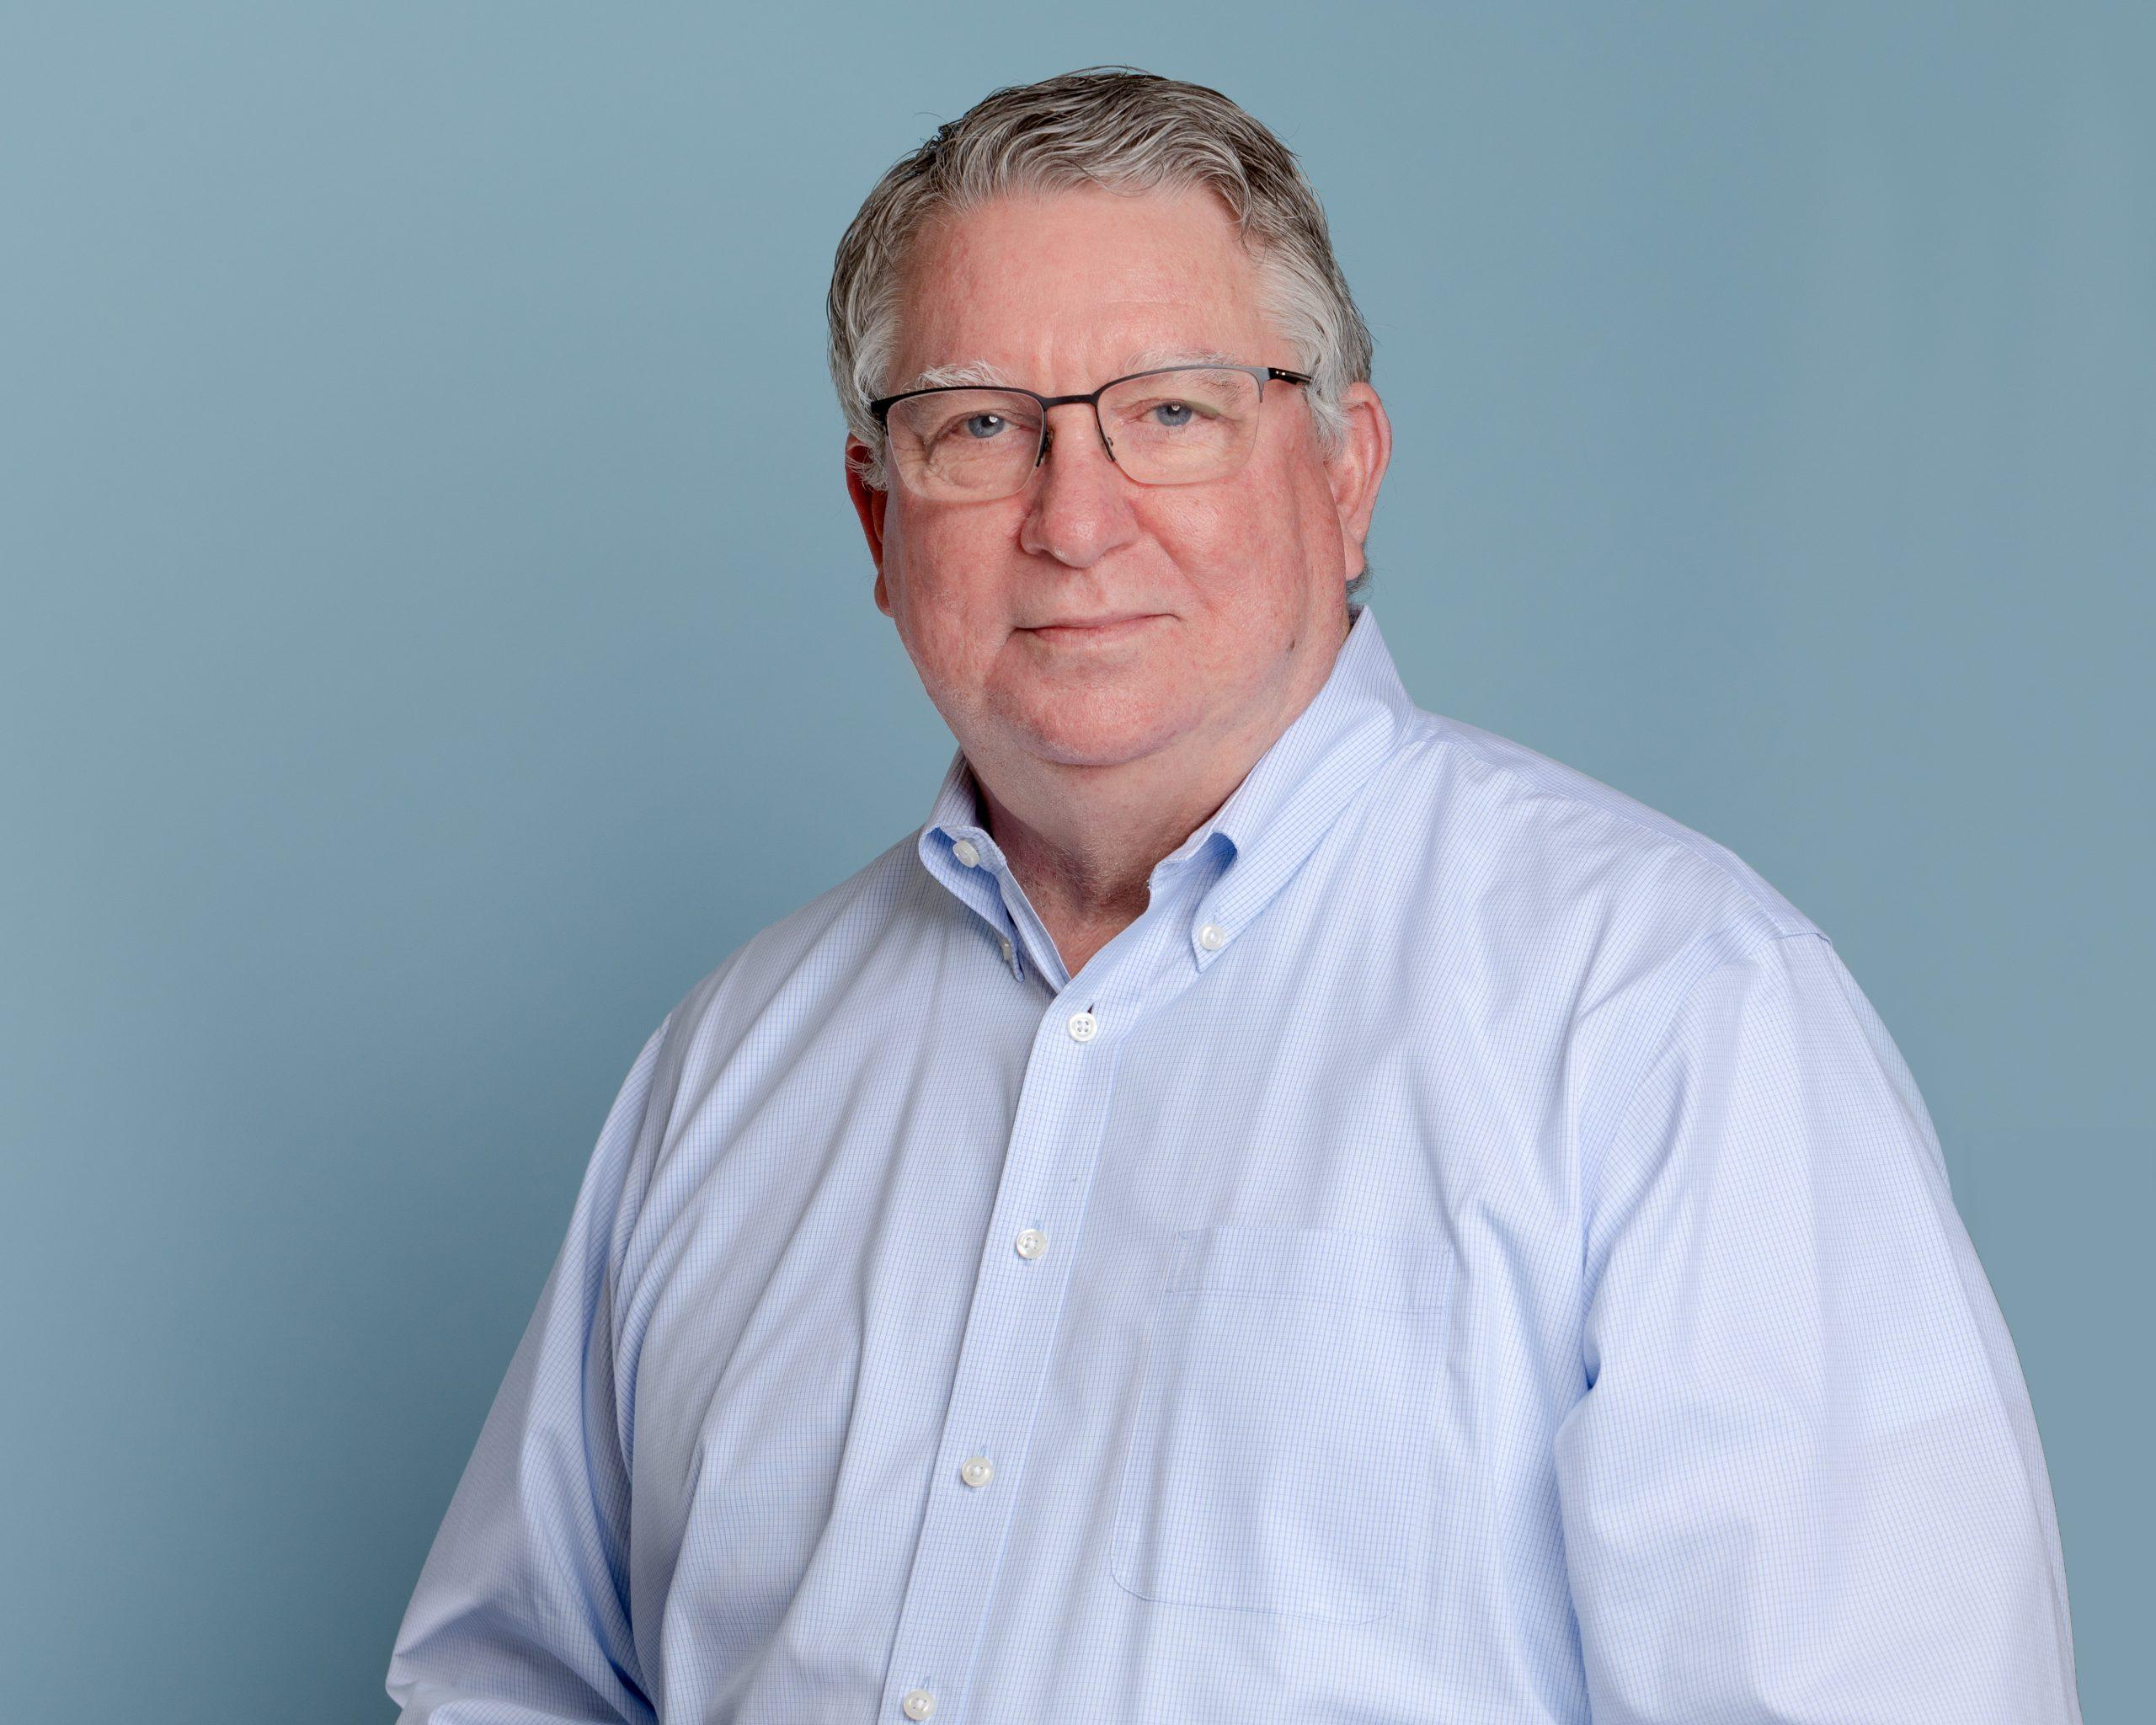 Patrick Bormann